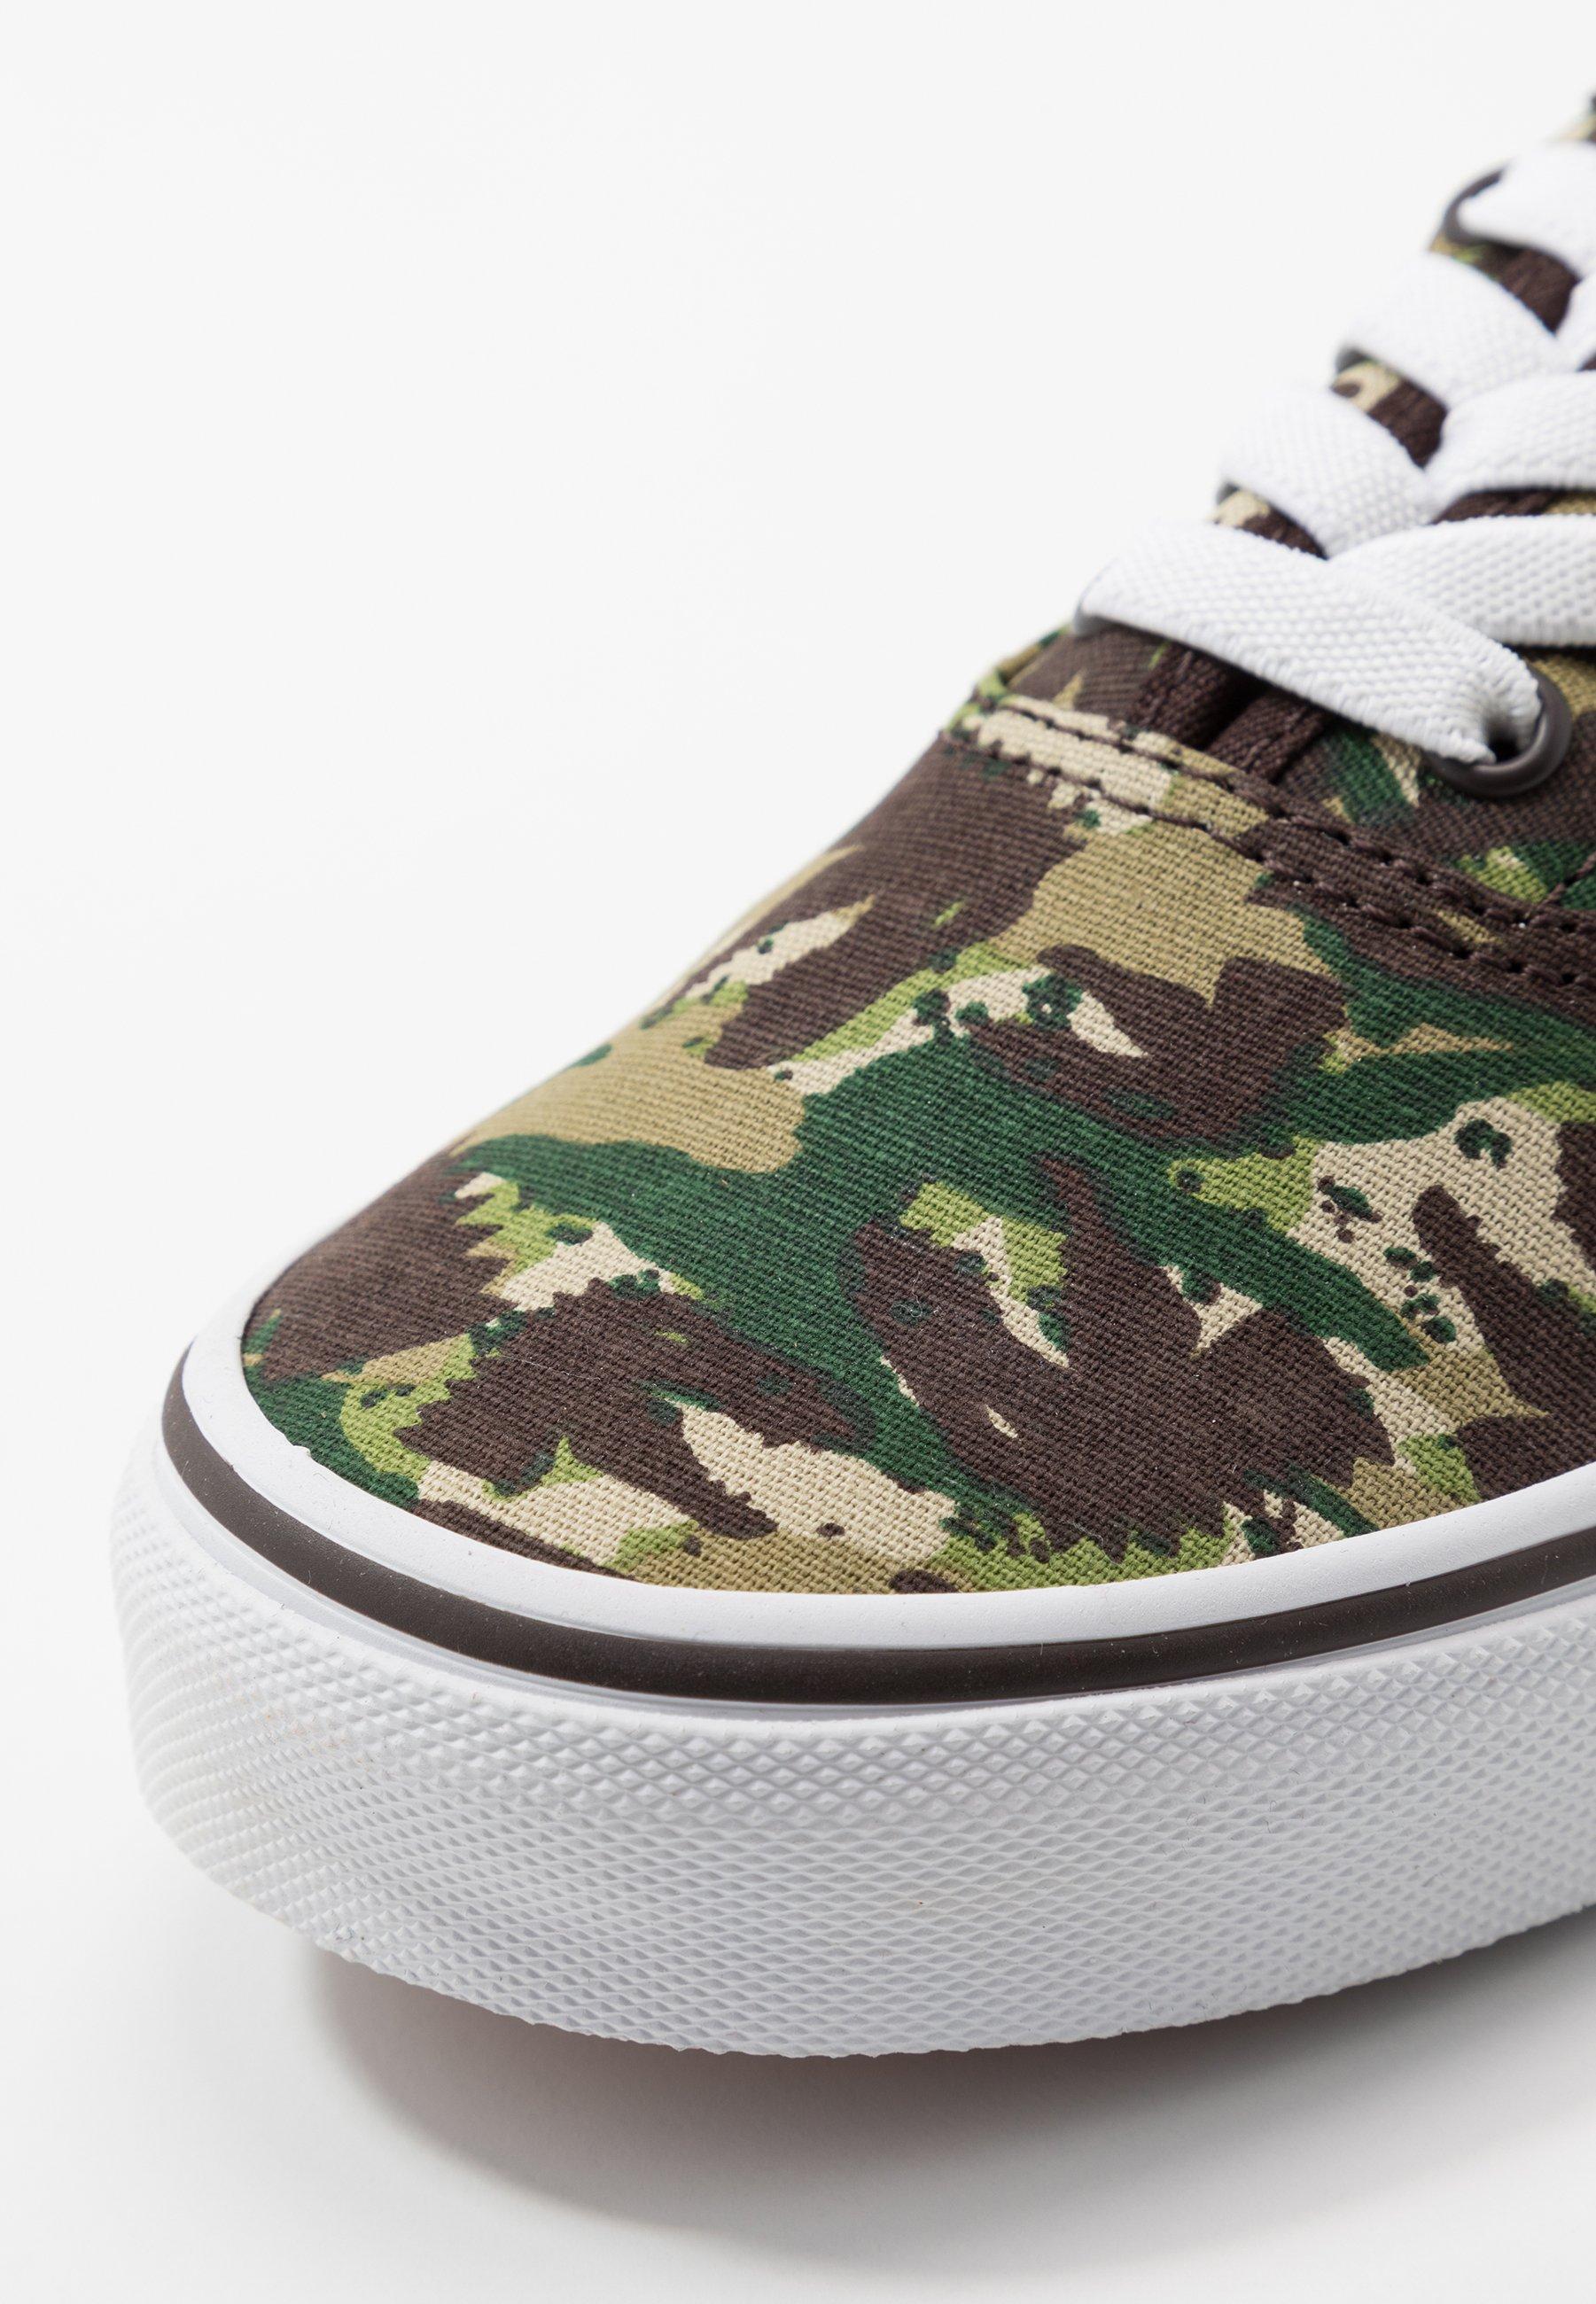 chaussures vans couleur militaire